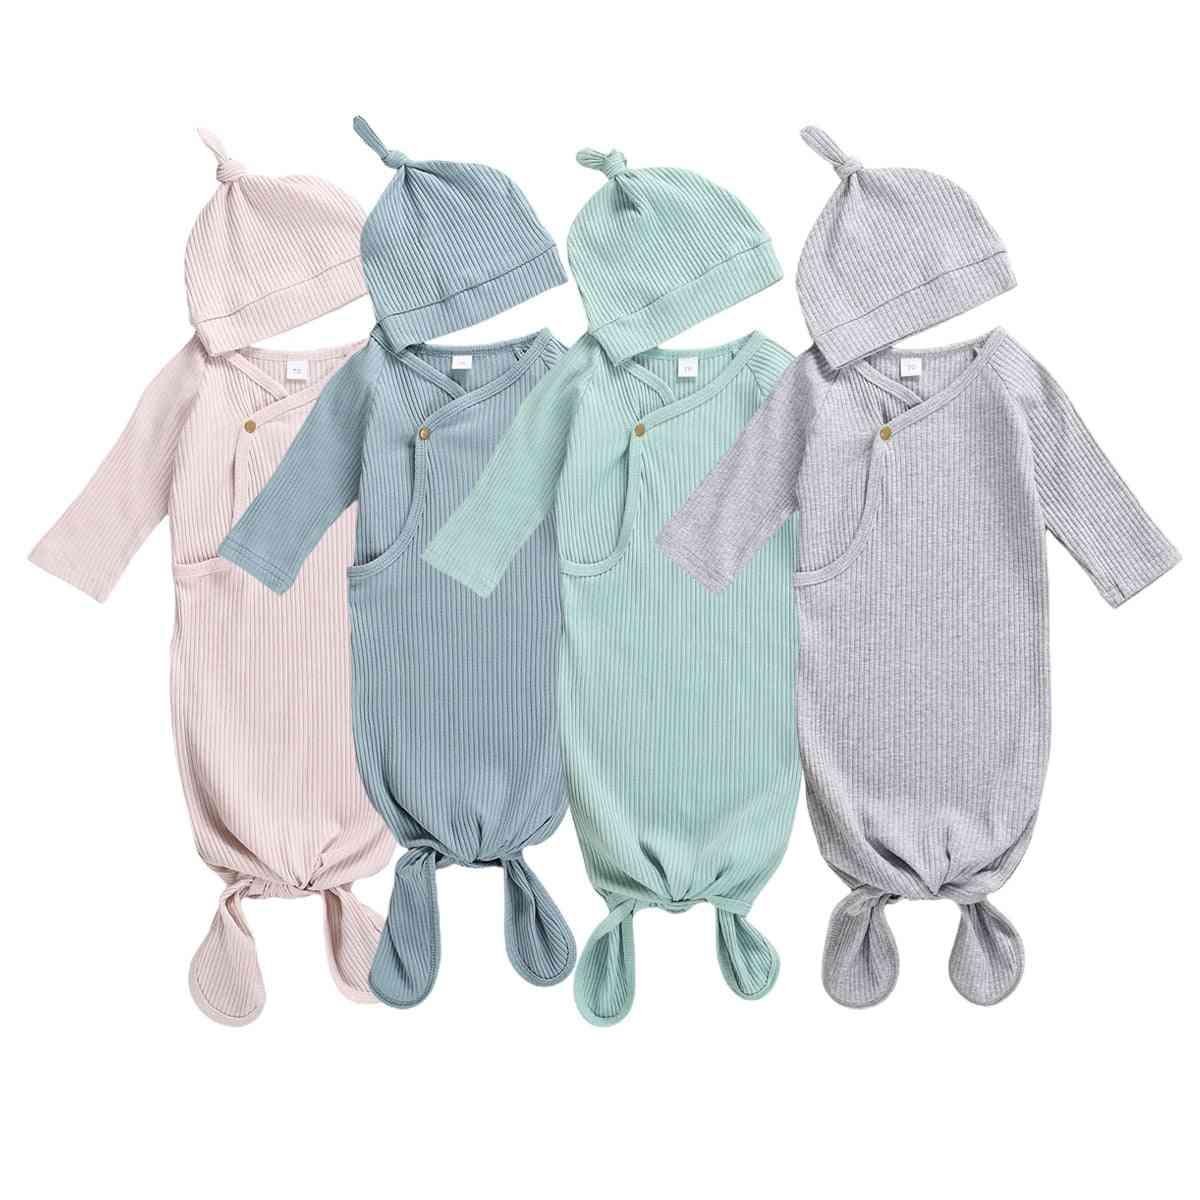 Baby Nightwear Baby Dresses Set Sleeping Bags